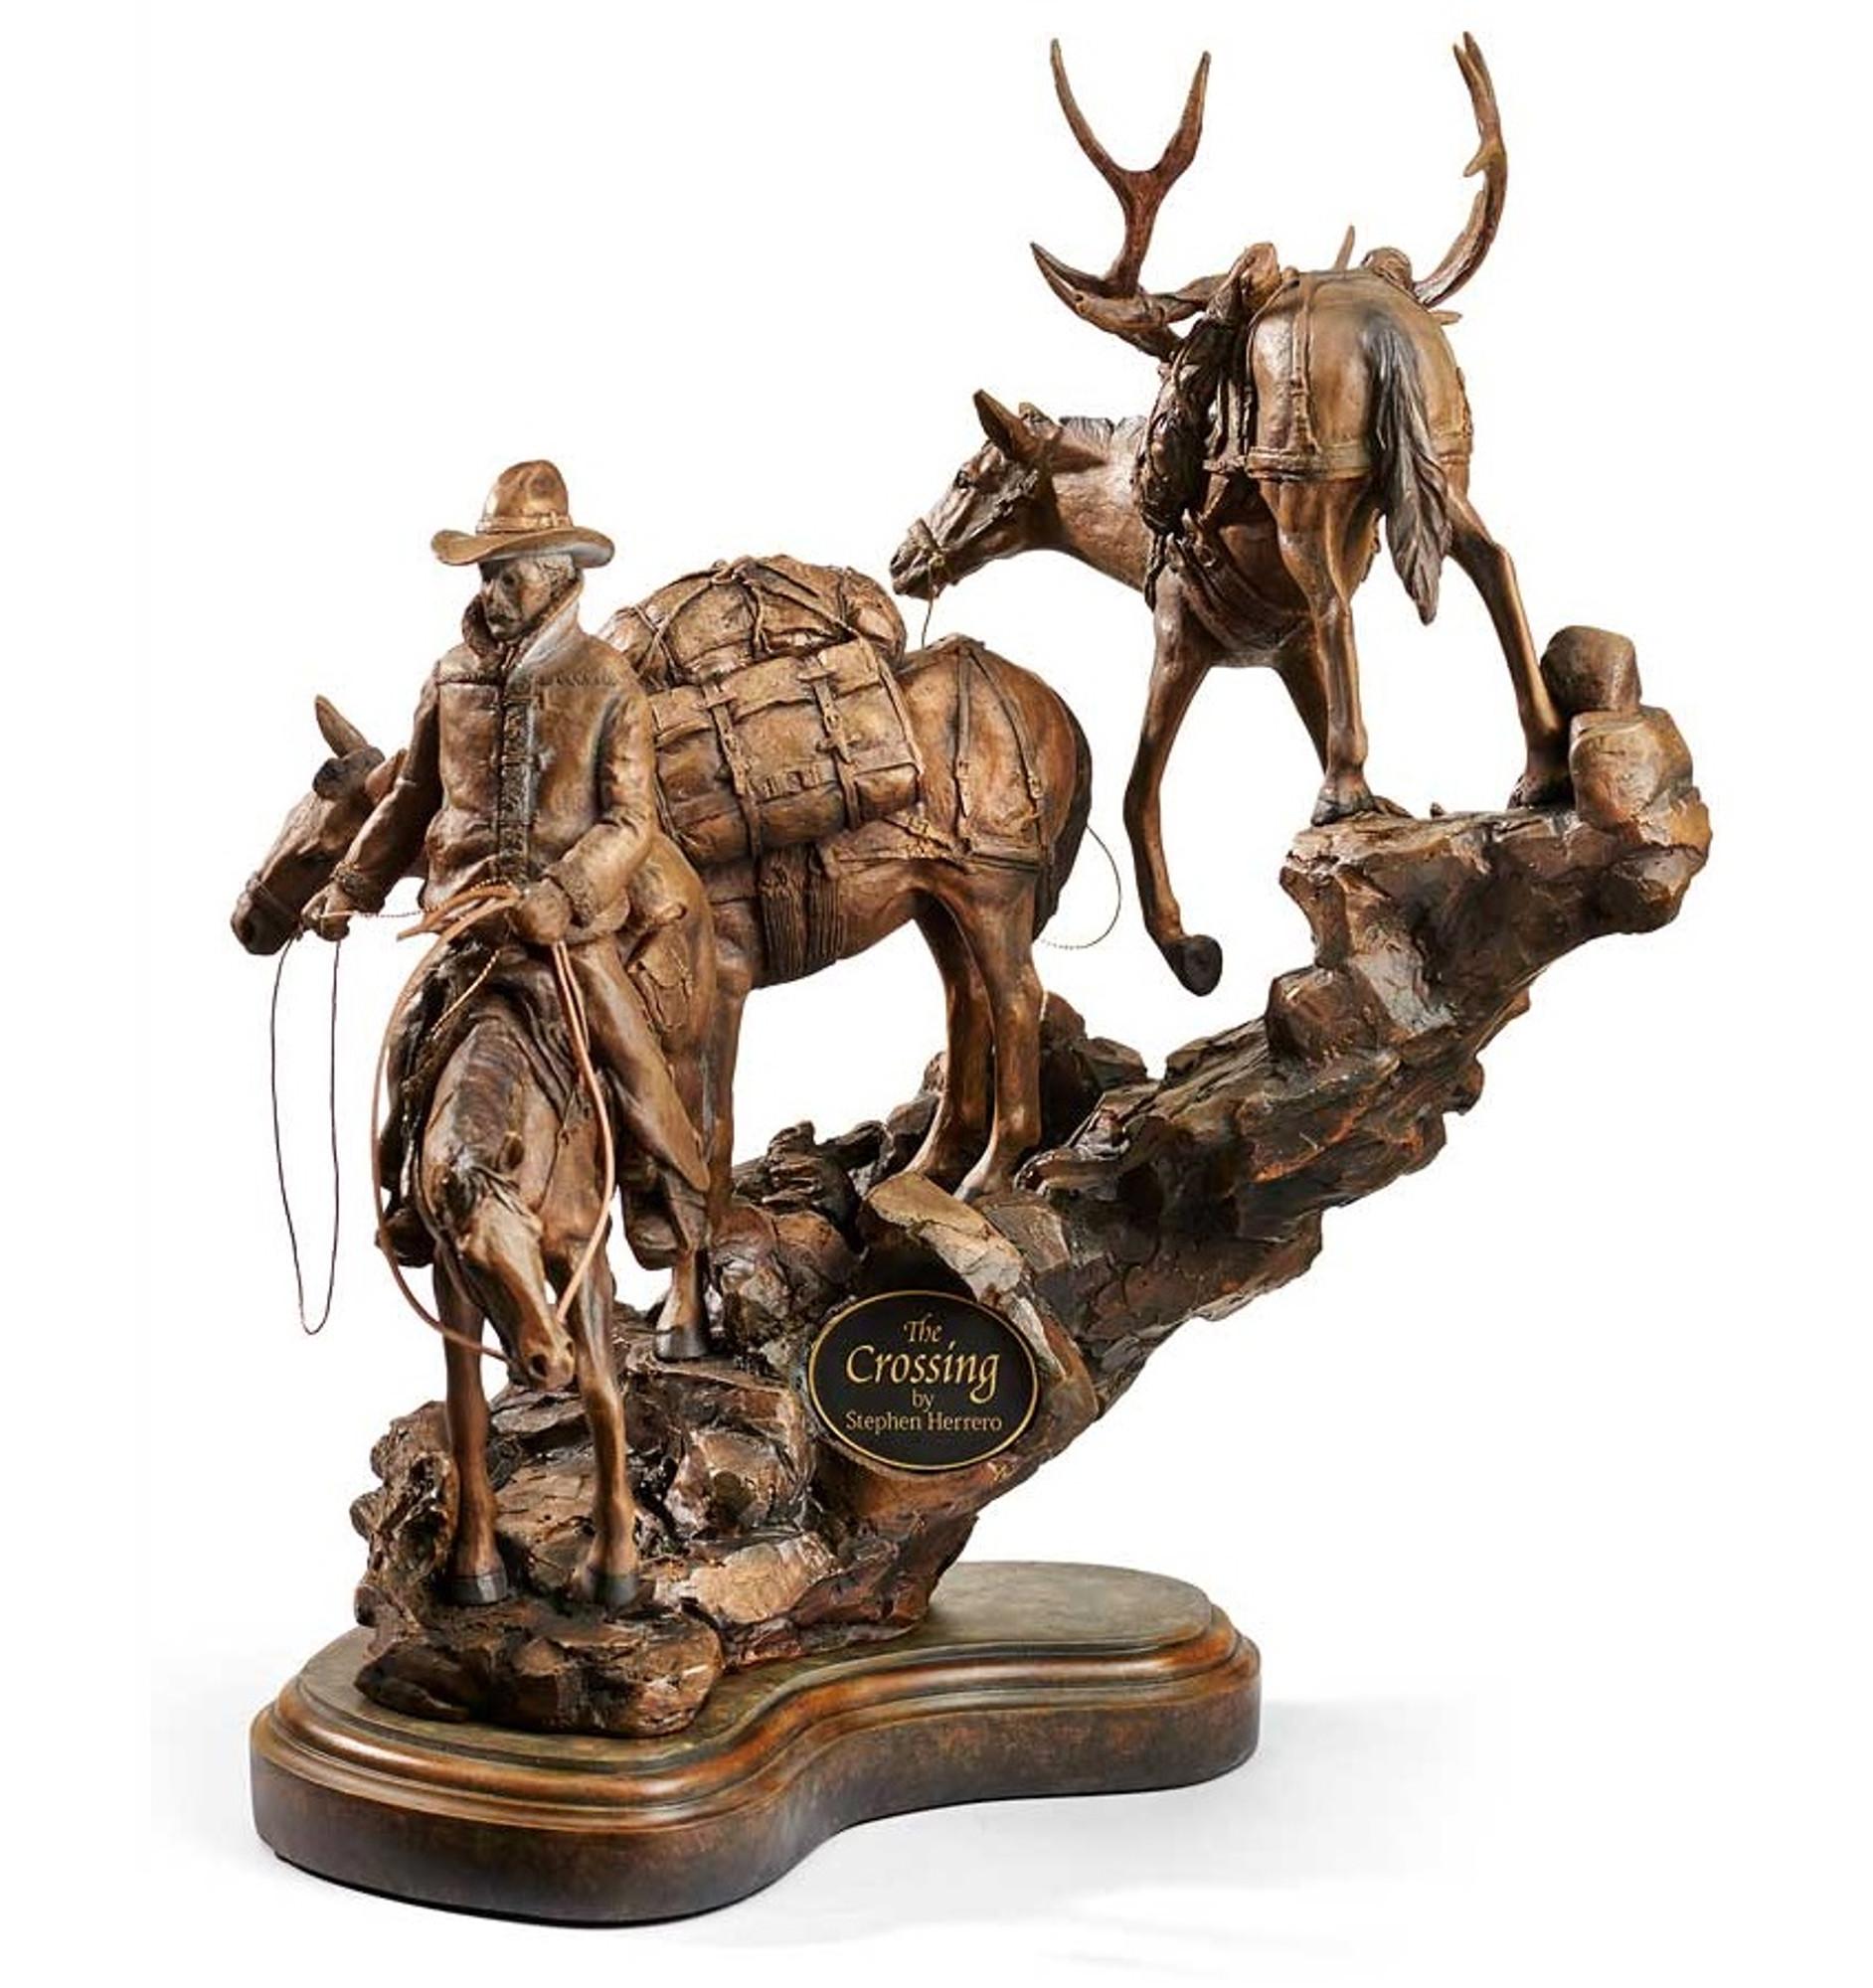 Cowboy Horse Sculpture Crossing Stephen Herrero Mill